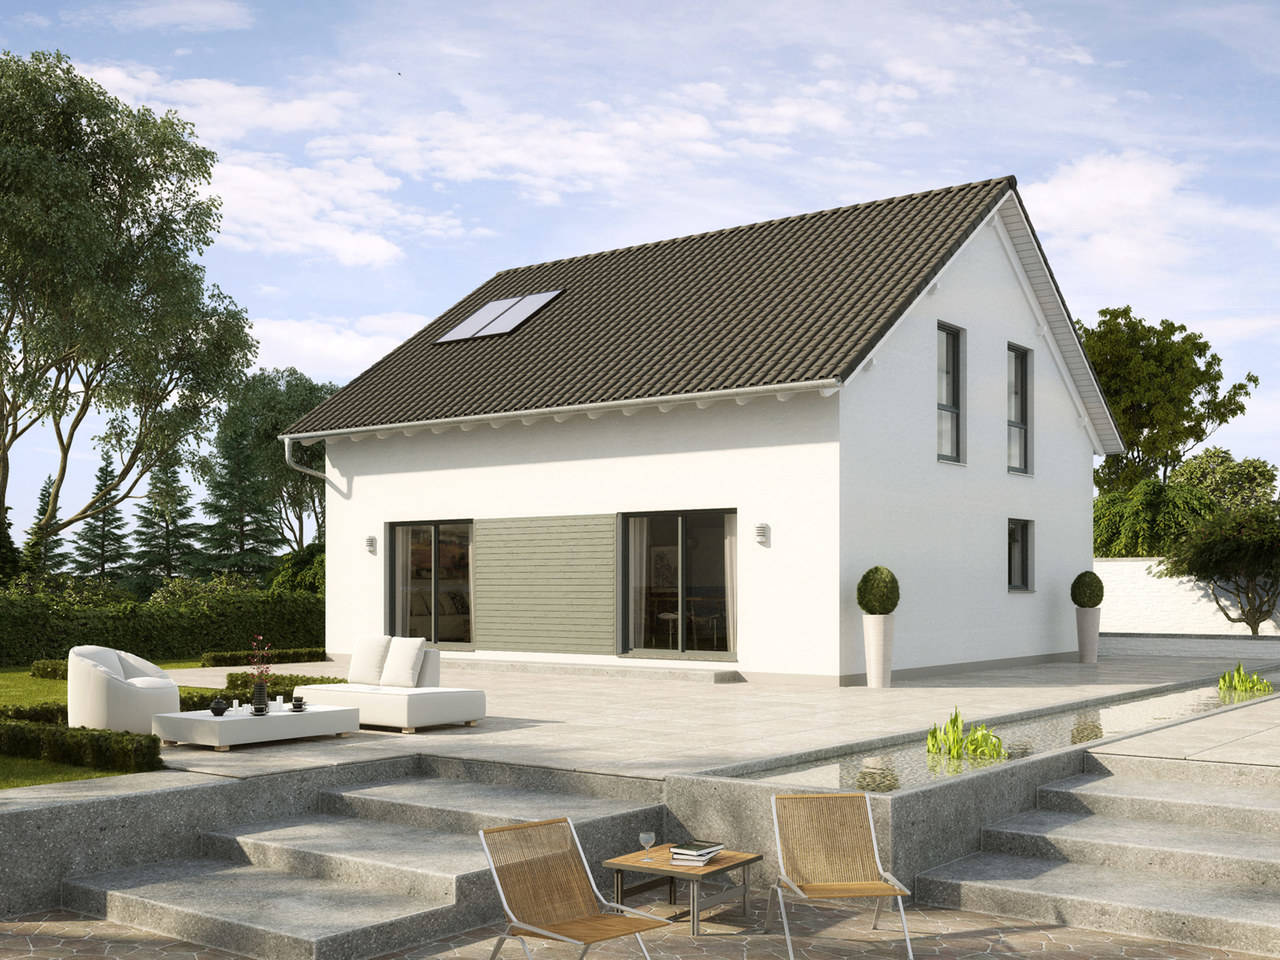 Einfamilienhaus Buchenallee Variante 1 von GUSSEK HAUS